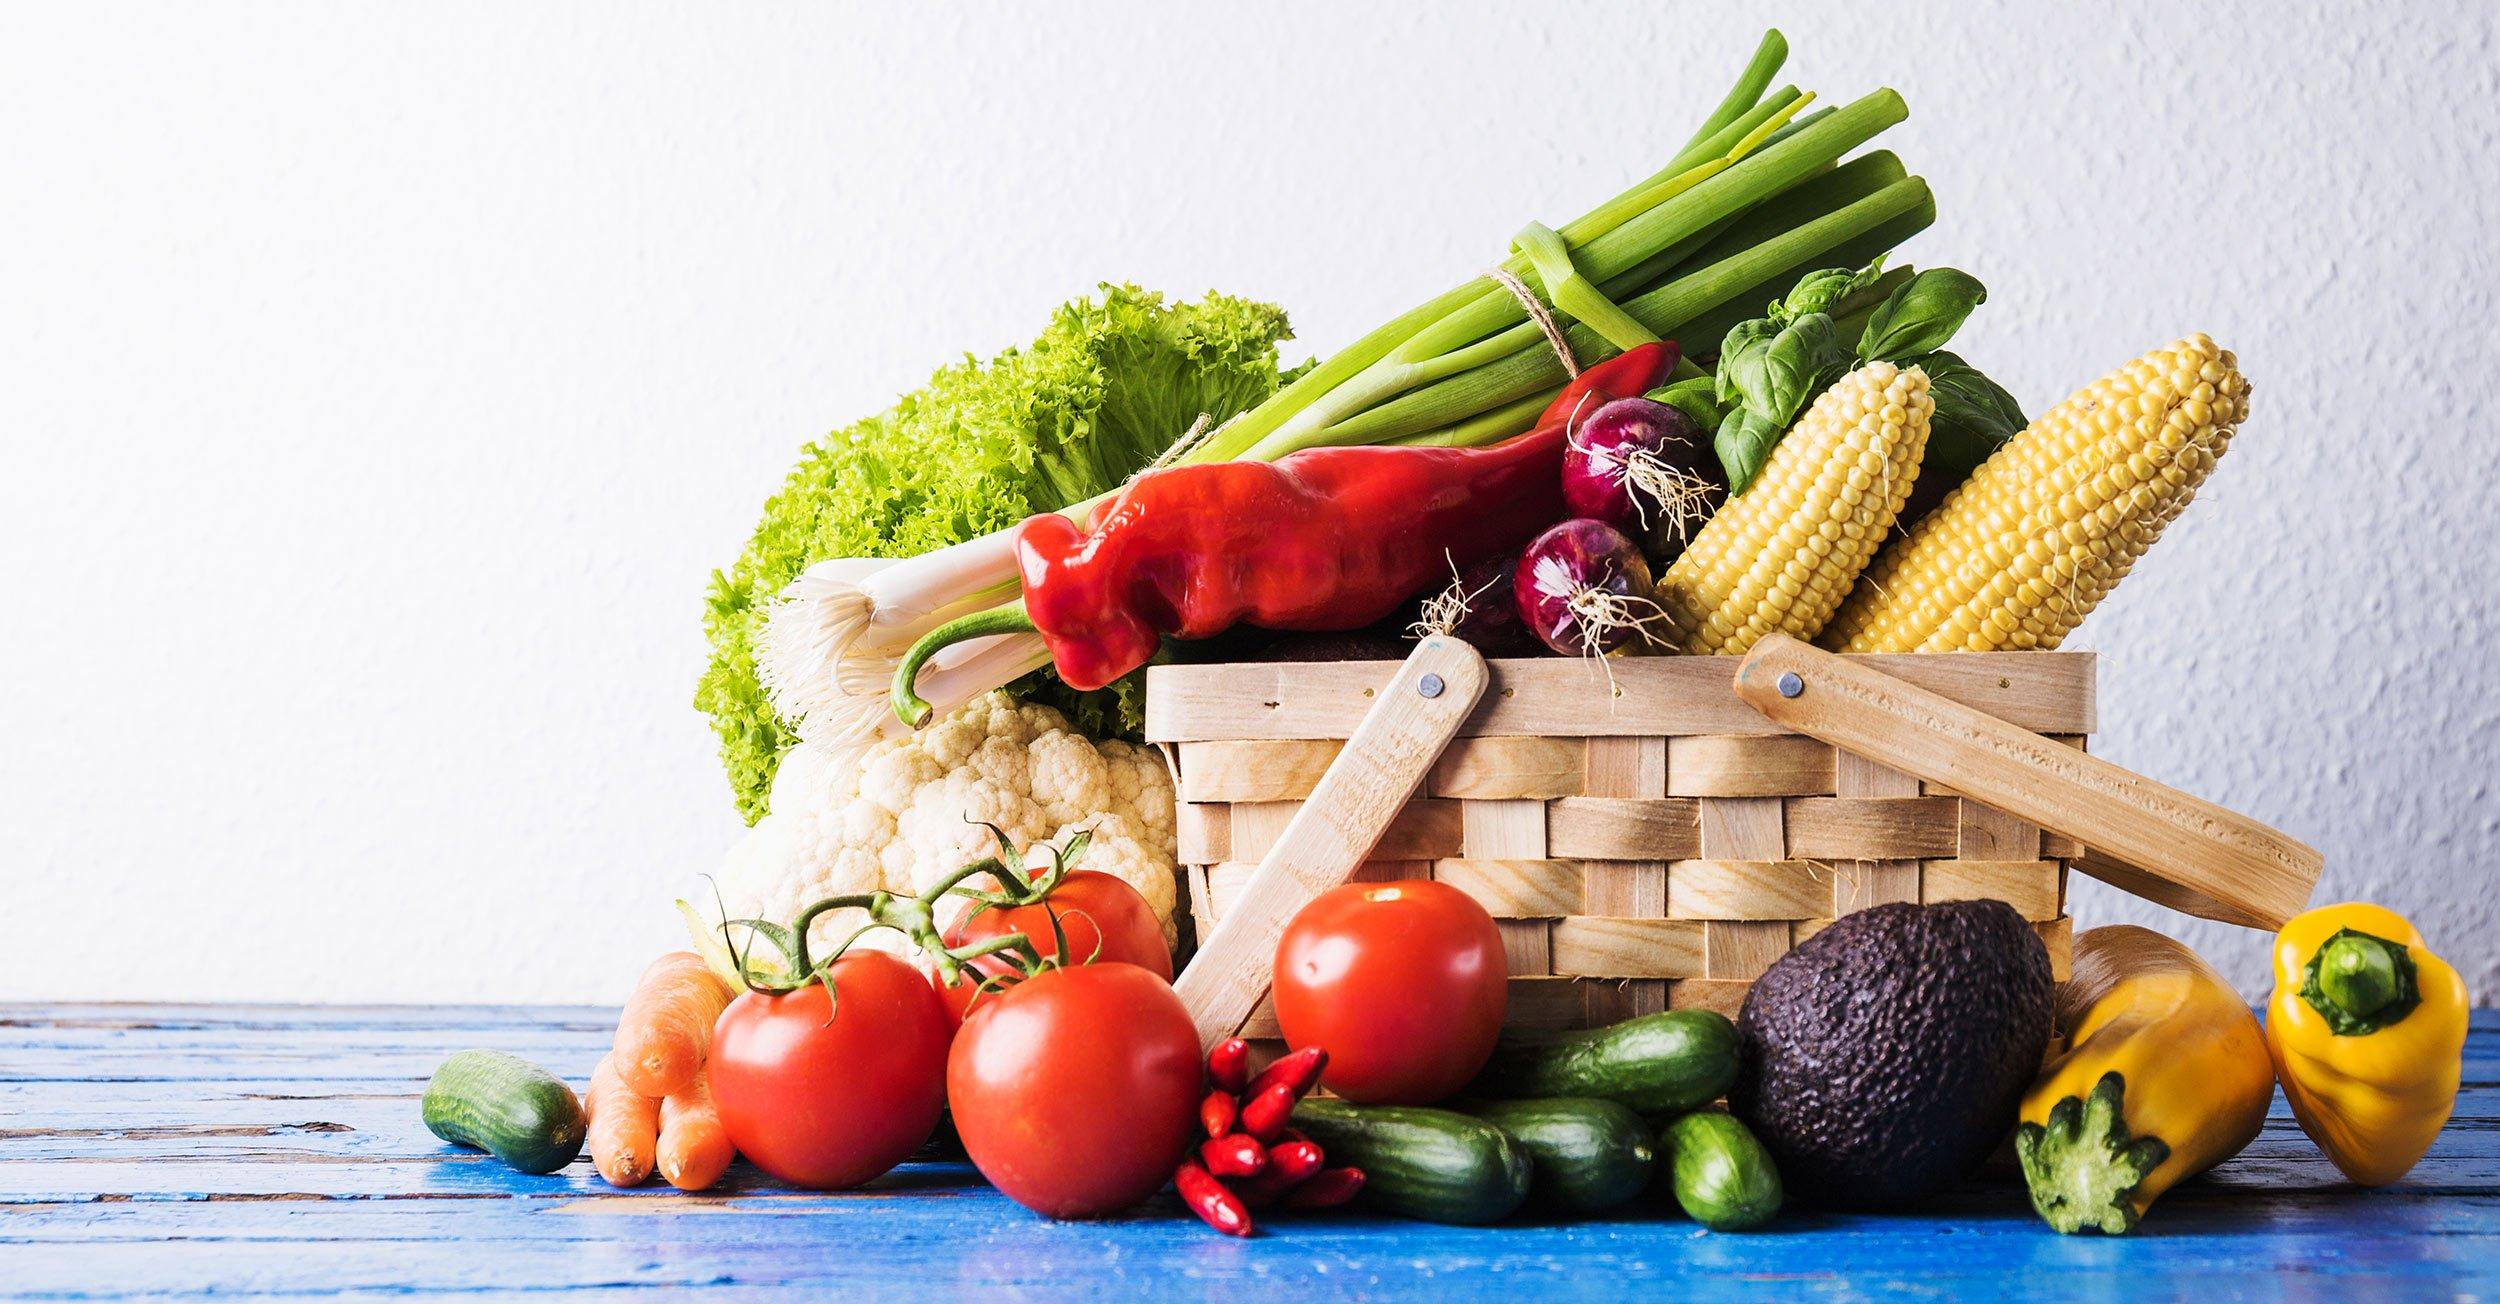 dieta vegana y vegetariana | Clínica de medicina y nutrición en Albacete